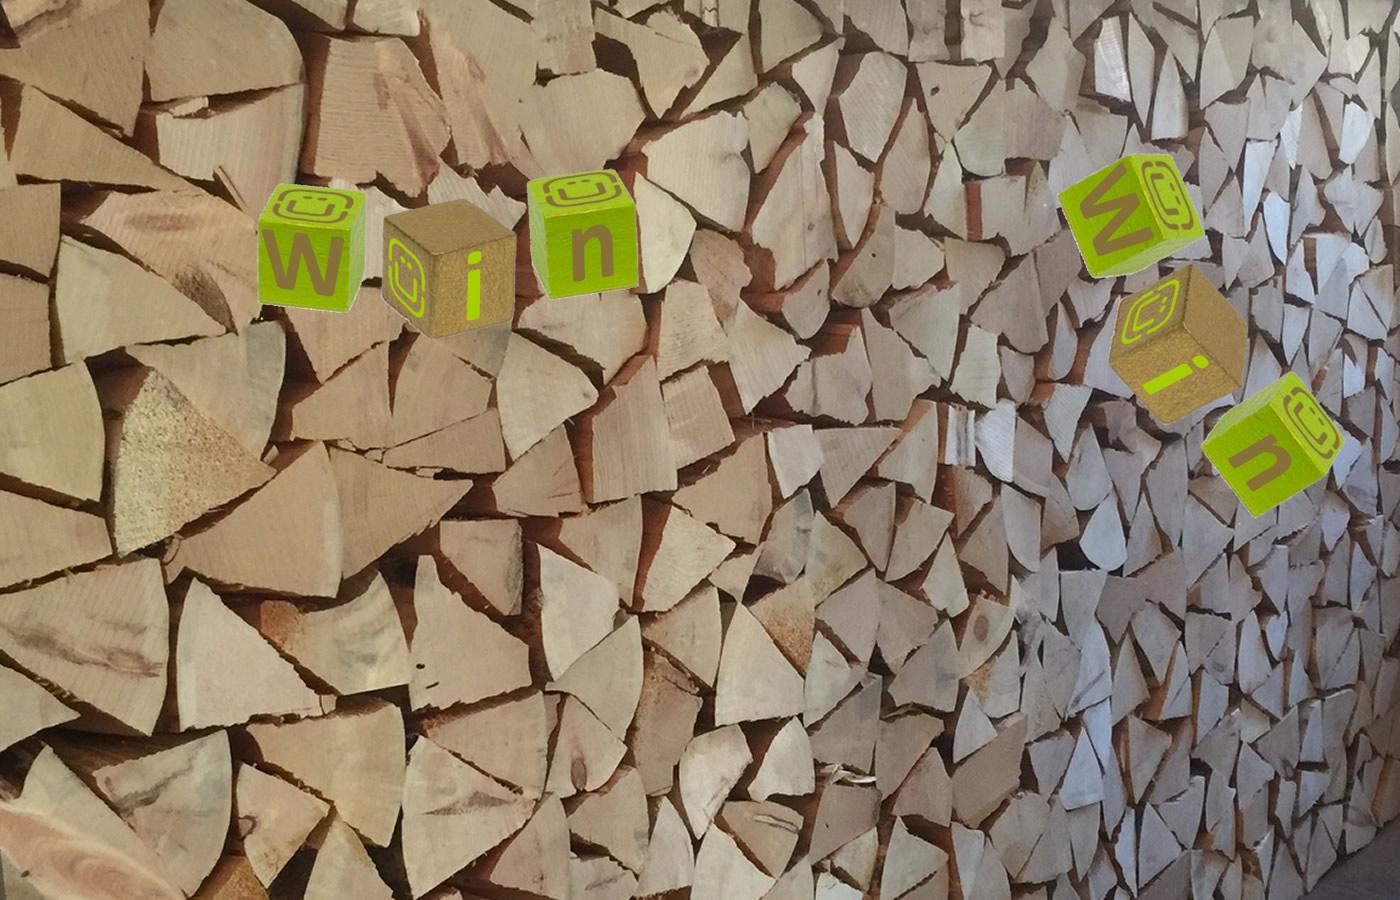 Zirbenholzduftkörper im Hotel Natürlich in Fiss - Tirol